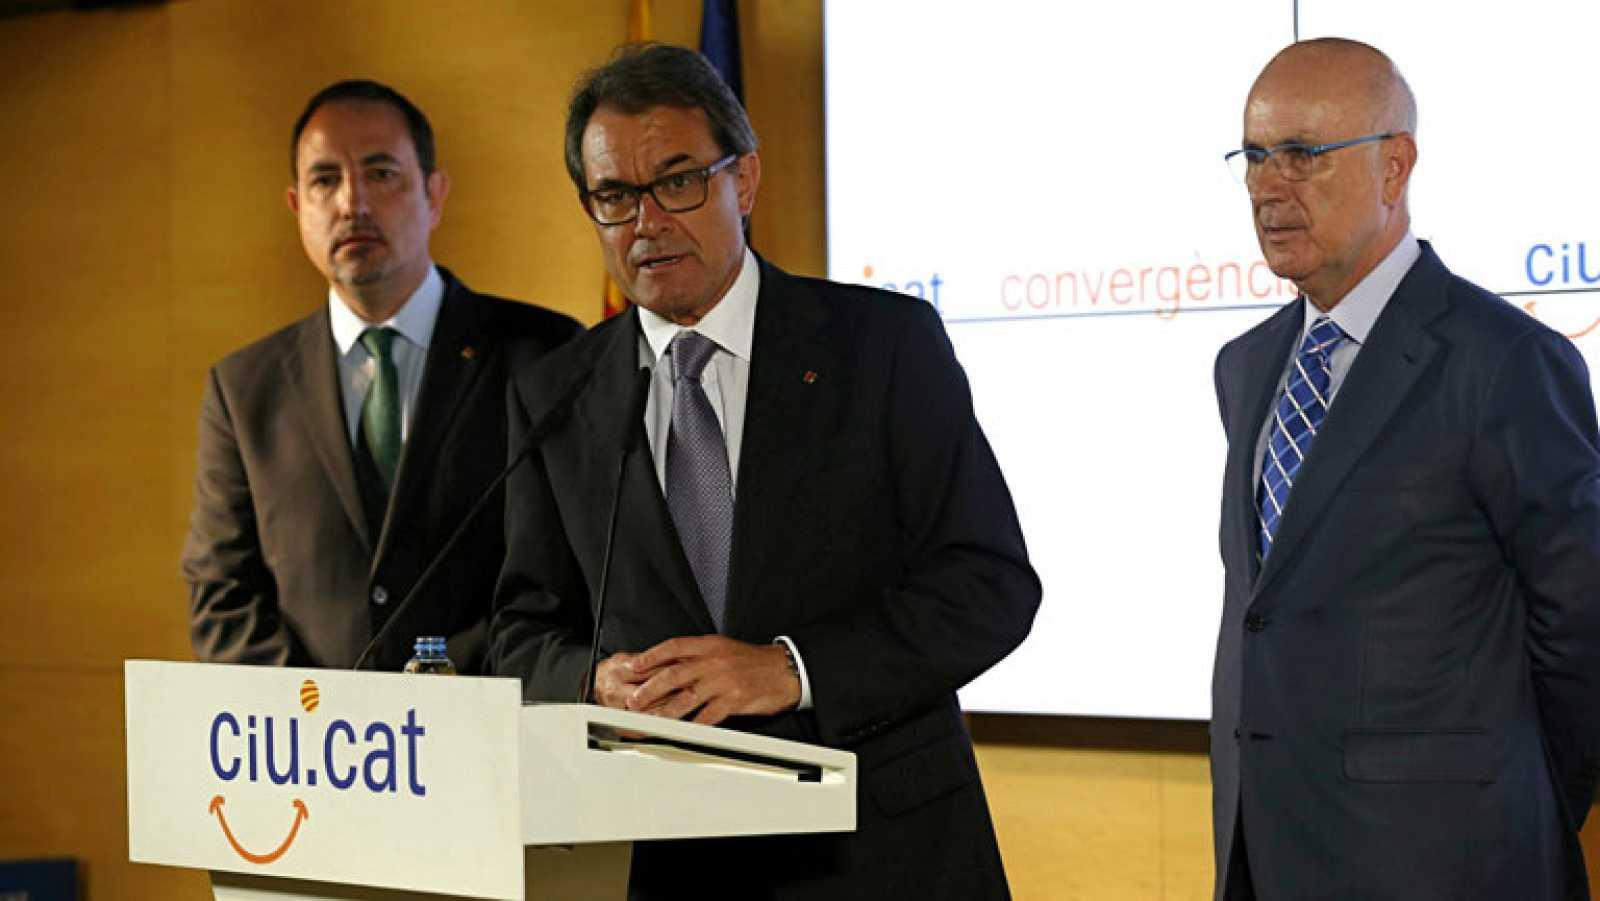 Duran deja la secretaría general de CiU y Mas elogia su capacidad de consenso